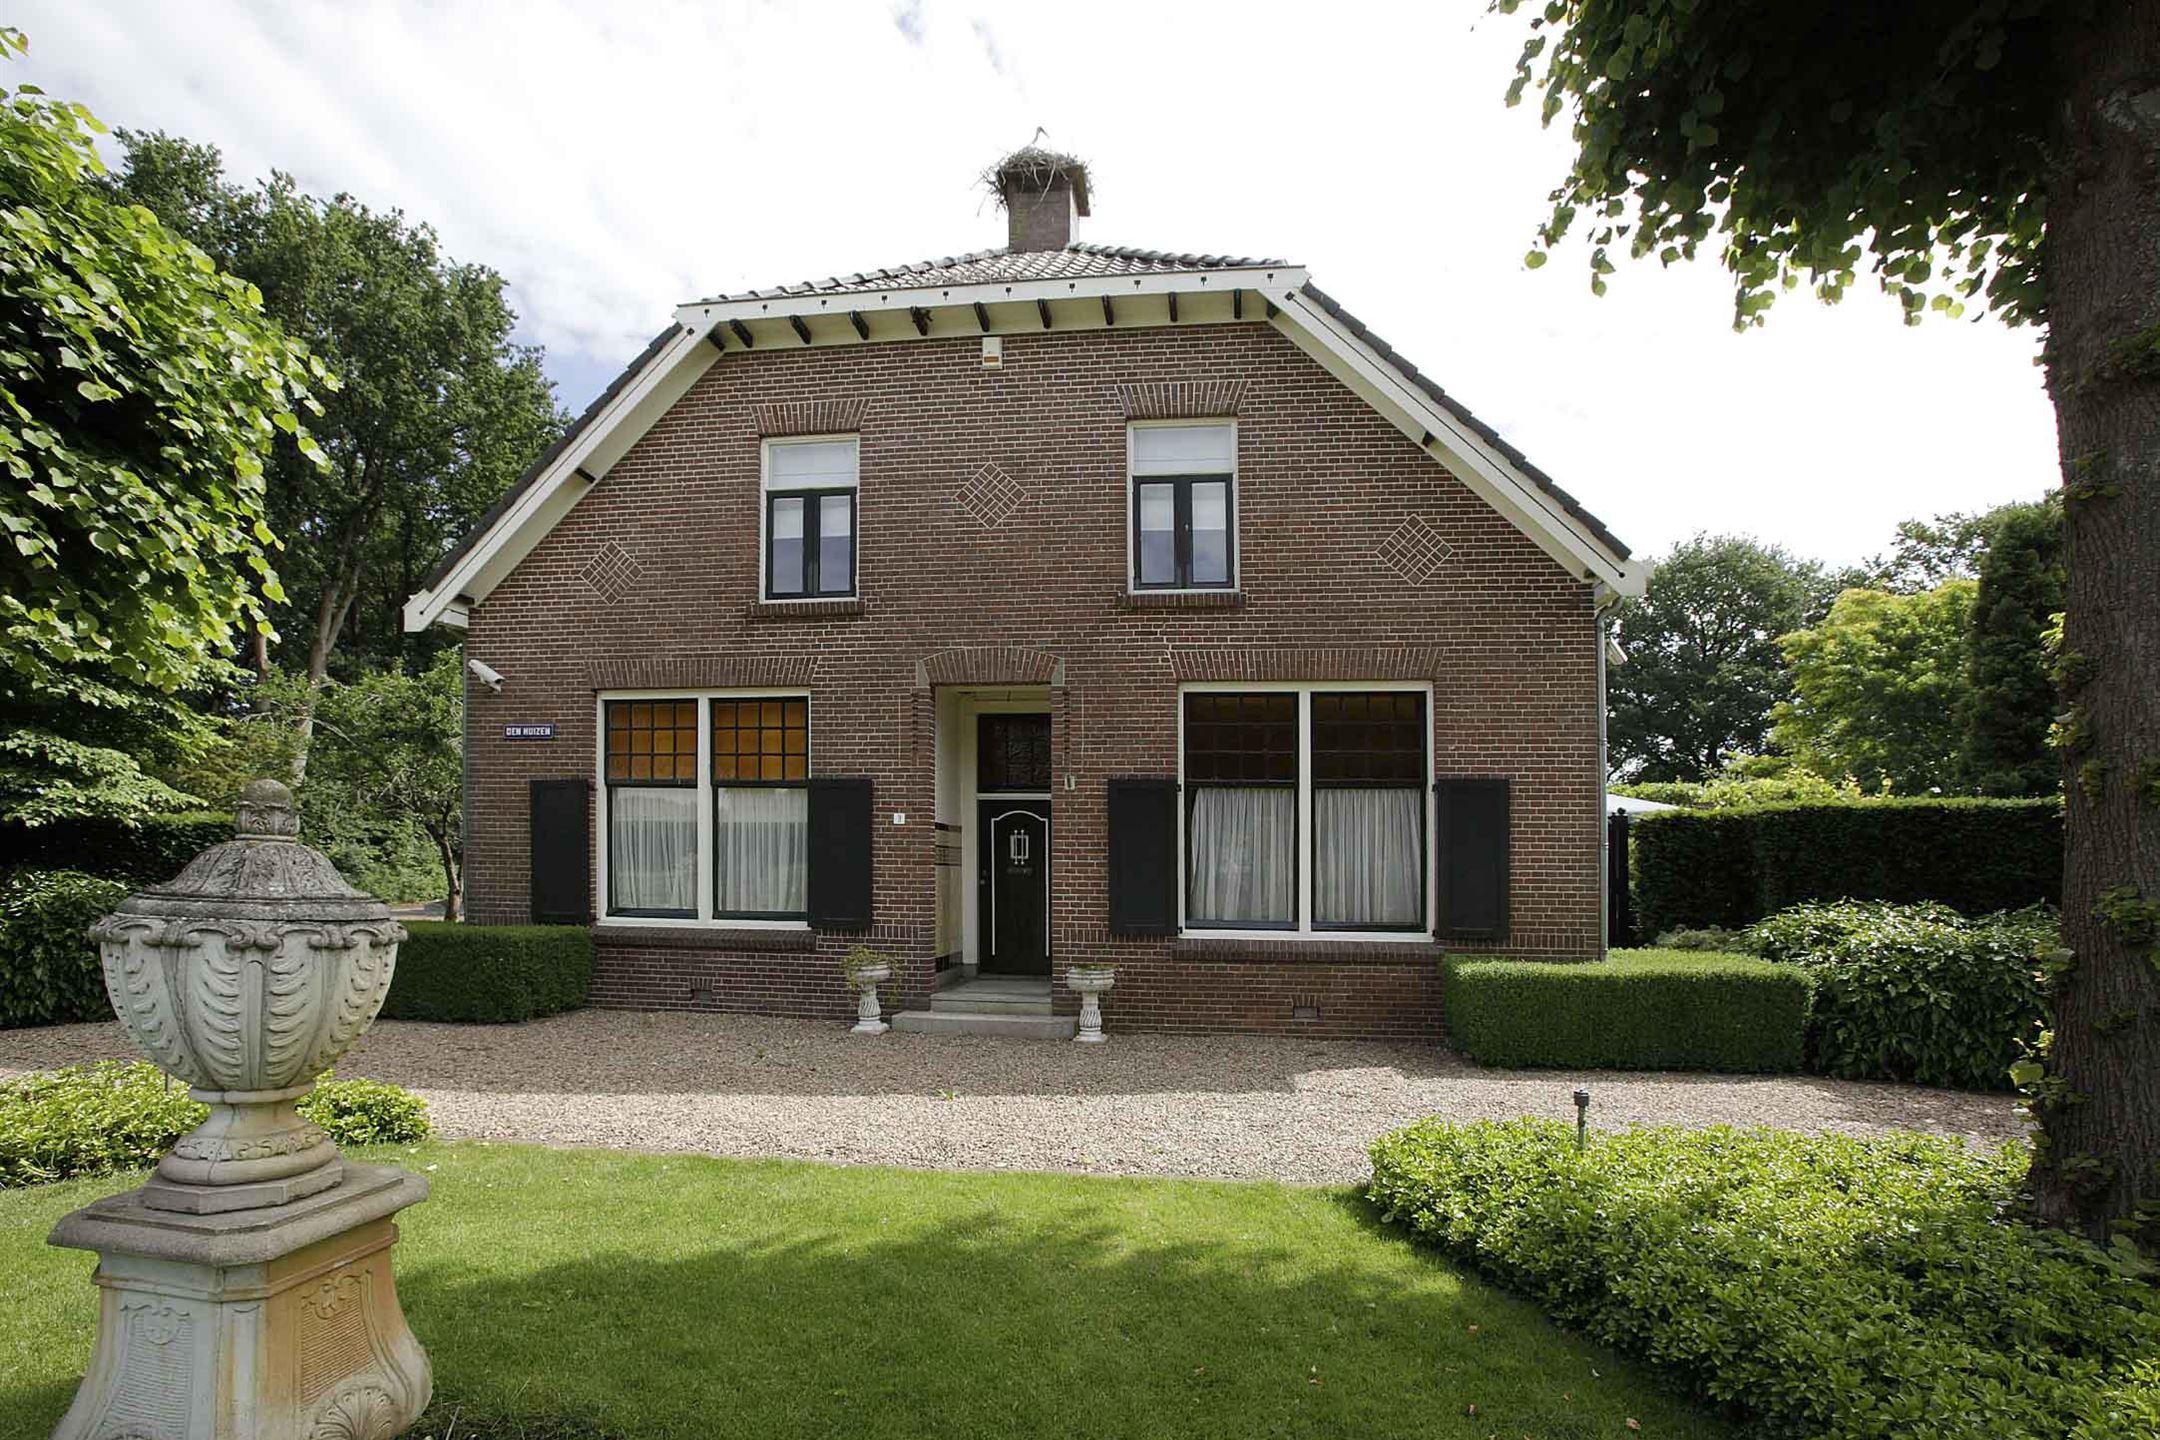 Verkocht den huizen 3 7707 pl balkbrug funda - Foto huizen ...